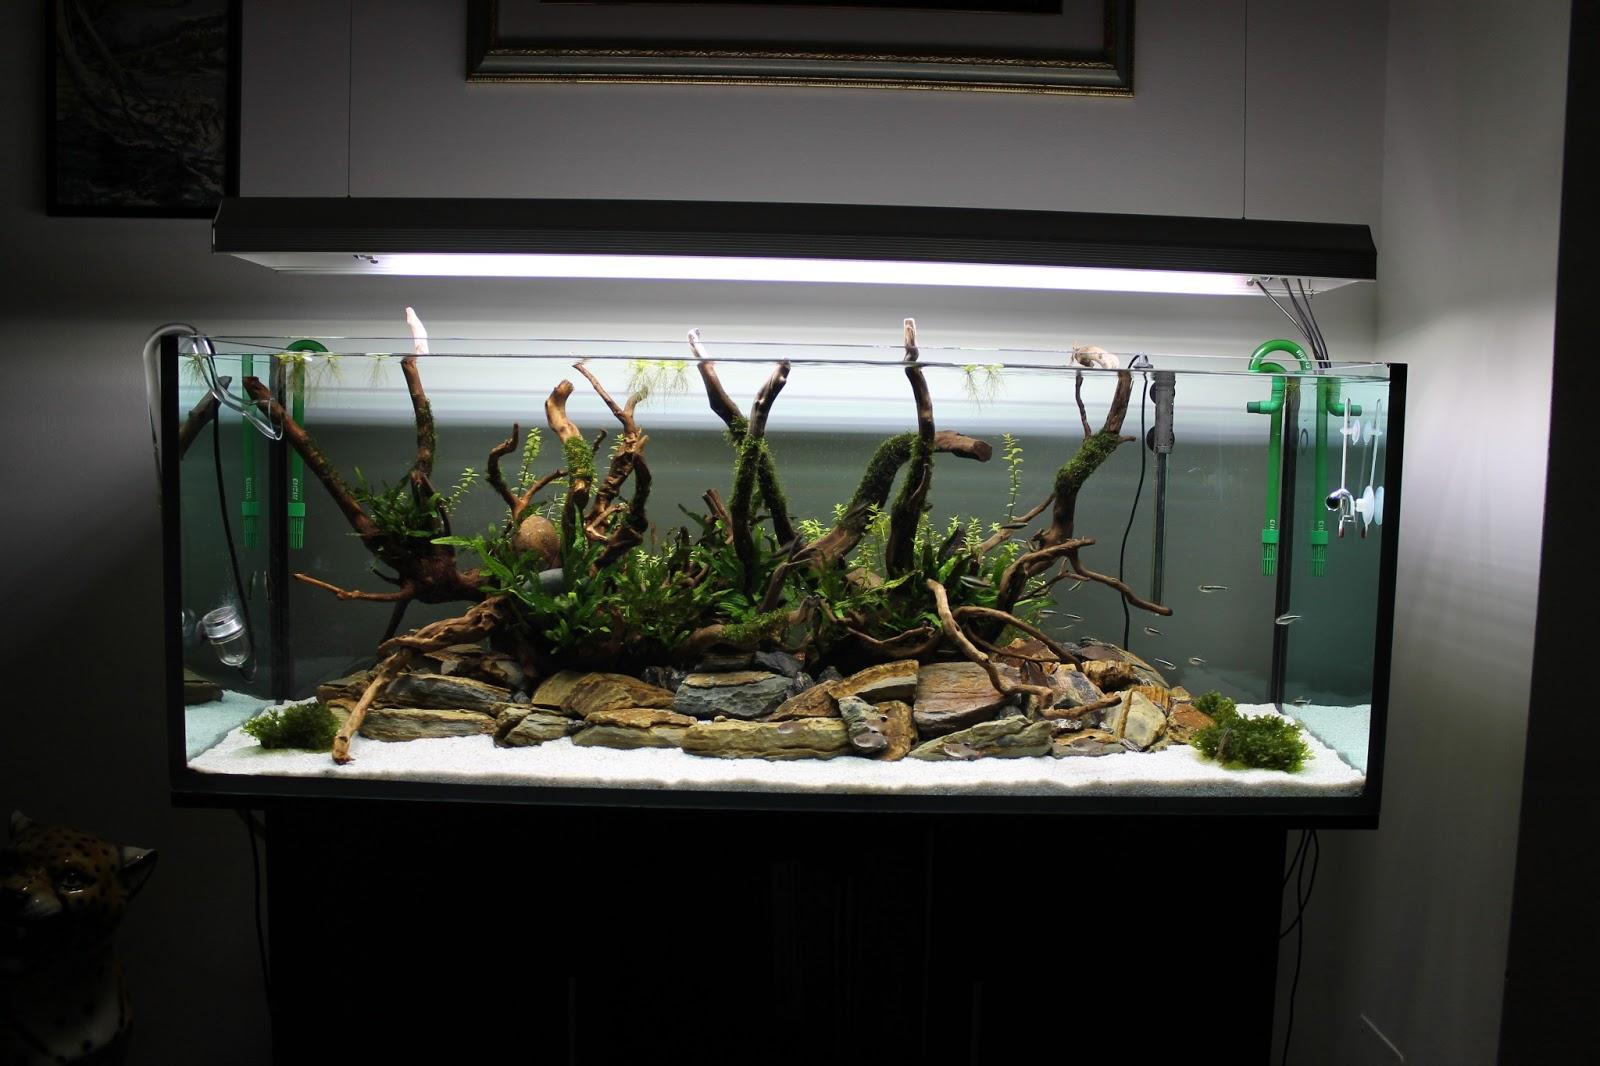 Водопровод: причина налета на стенках аквариума